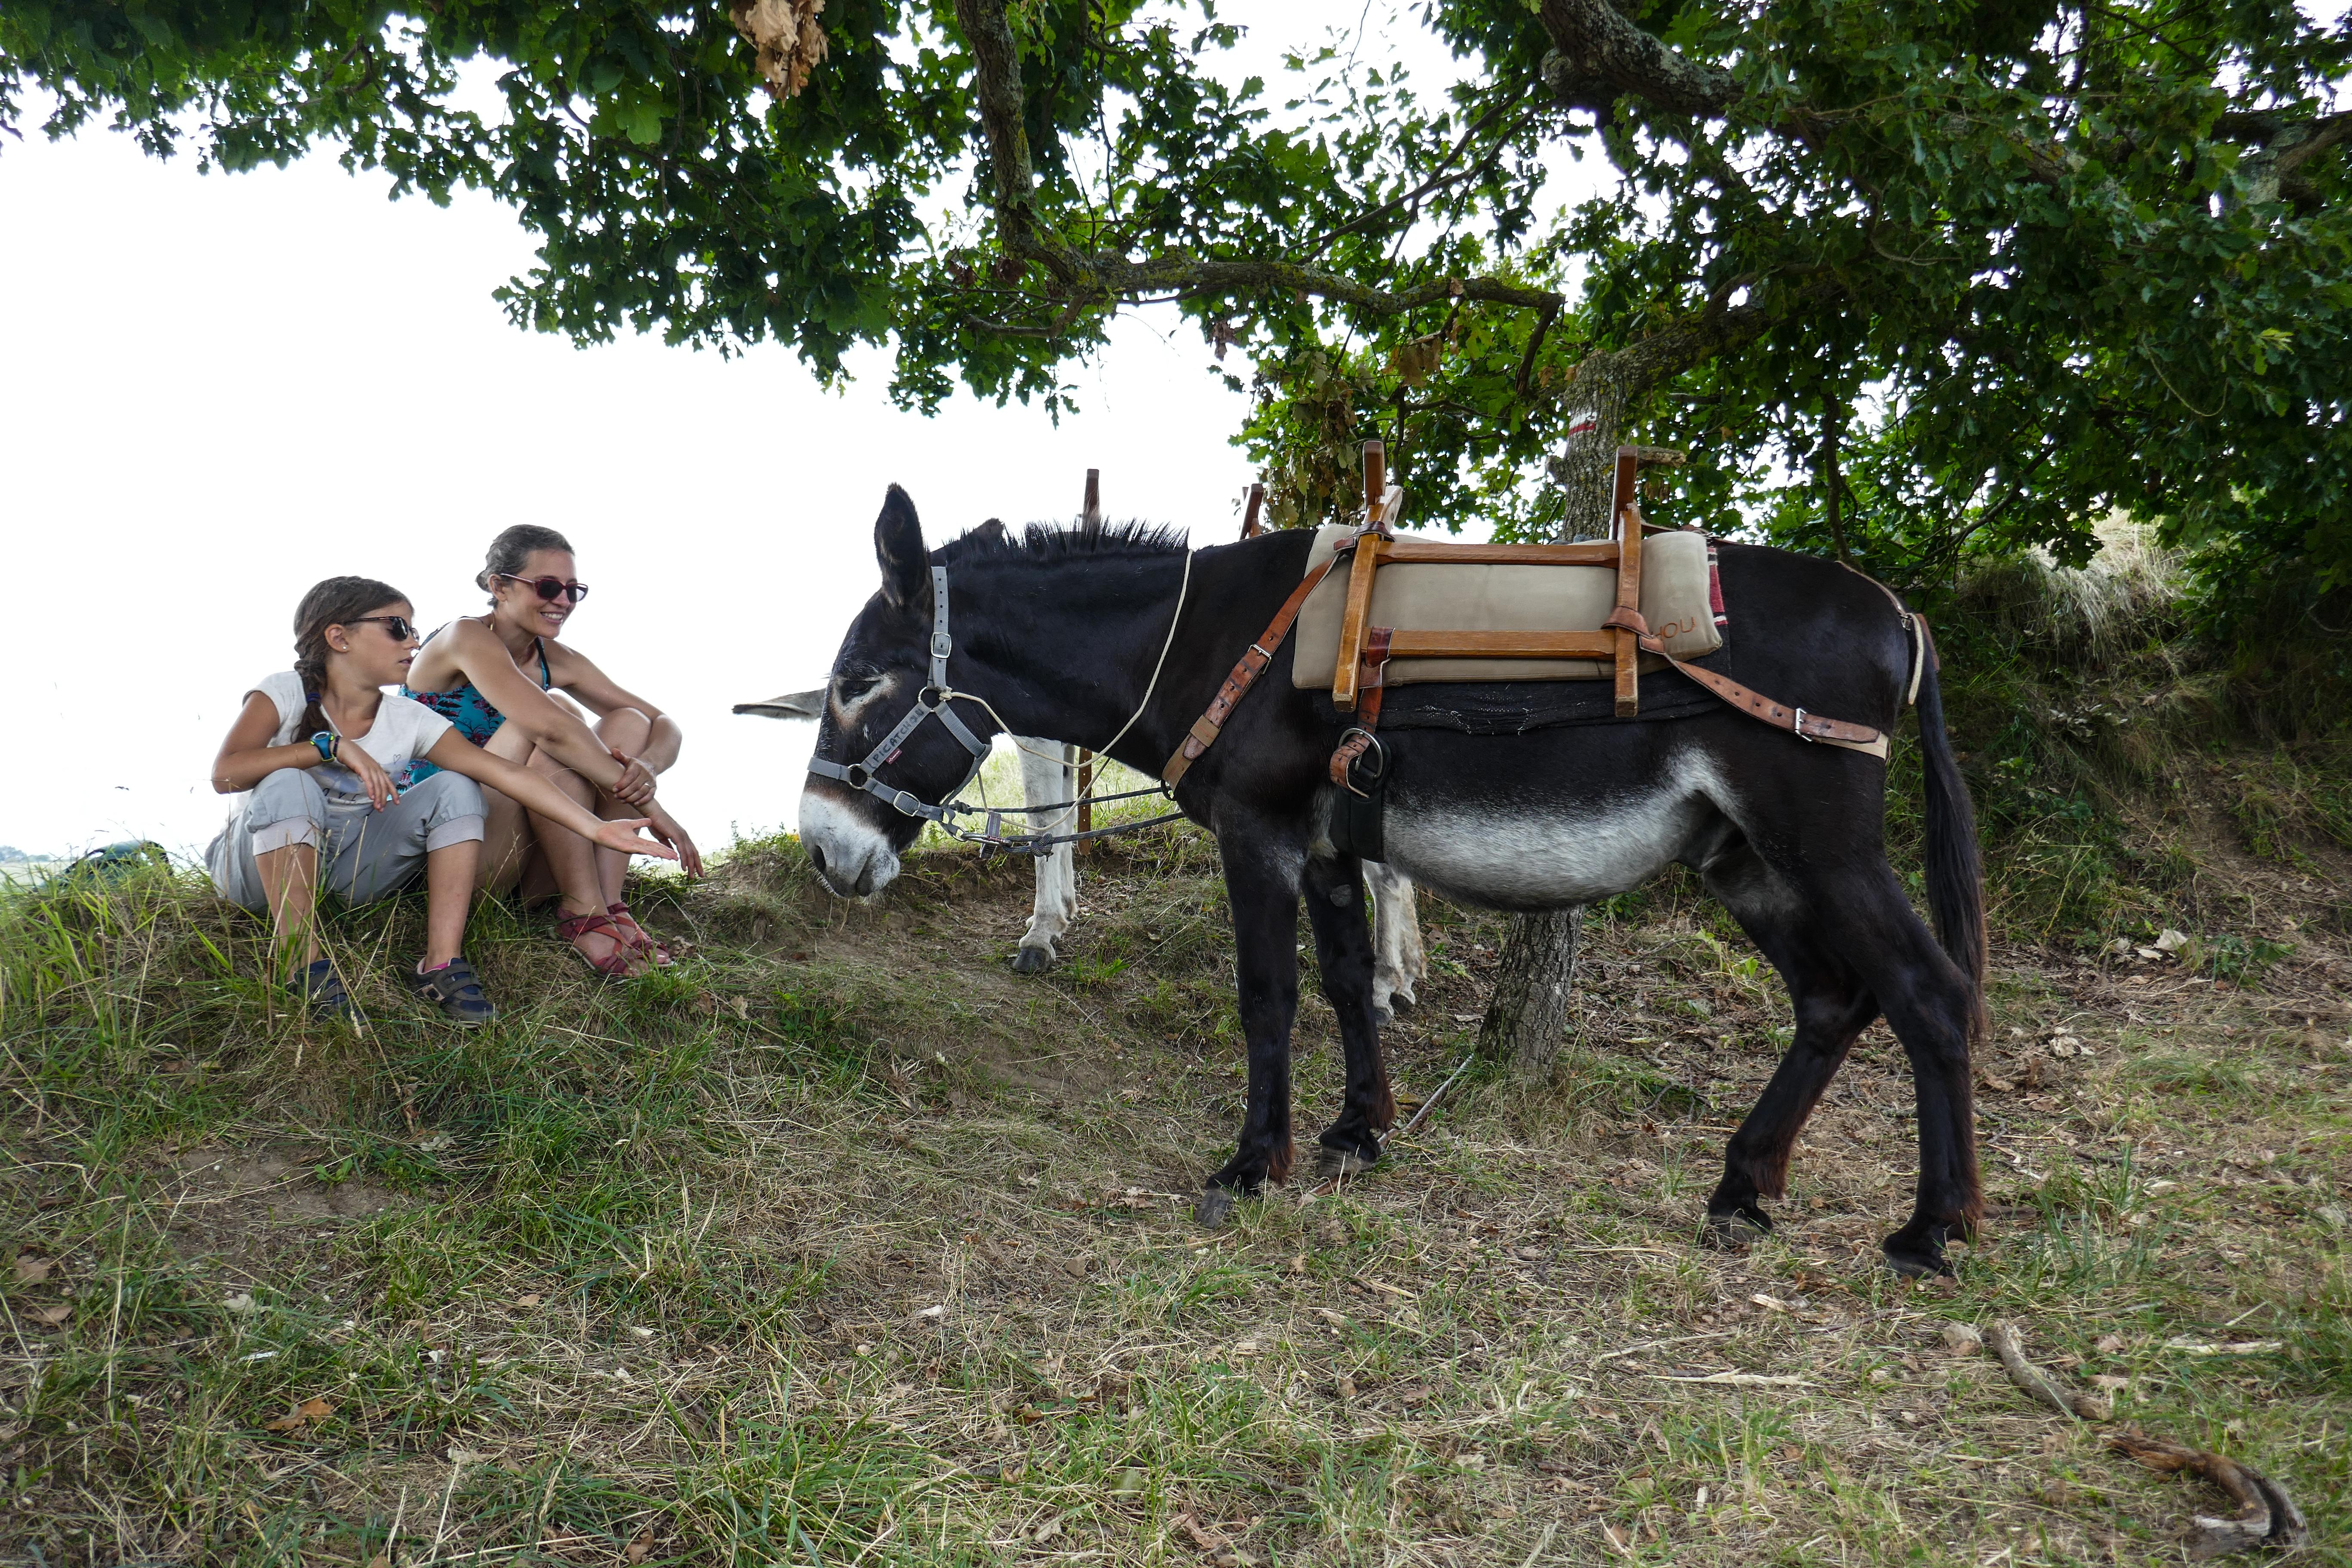 Le Rucher des ânes - blog famille - Haute-Garonne Tourisme - Rieux Volvestre